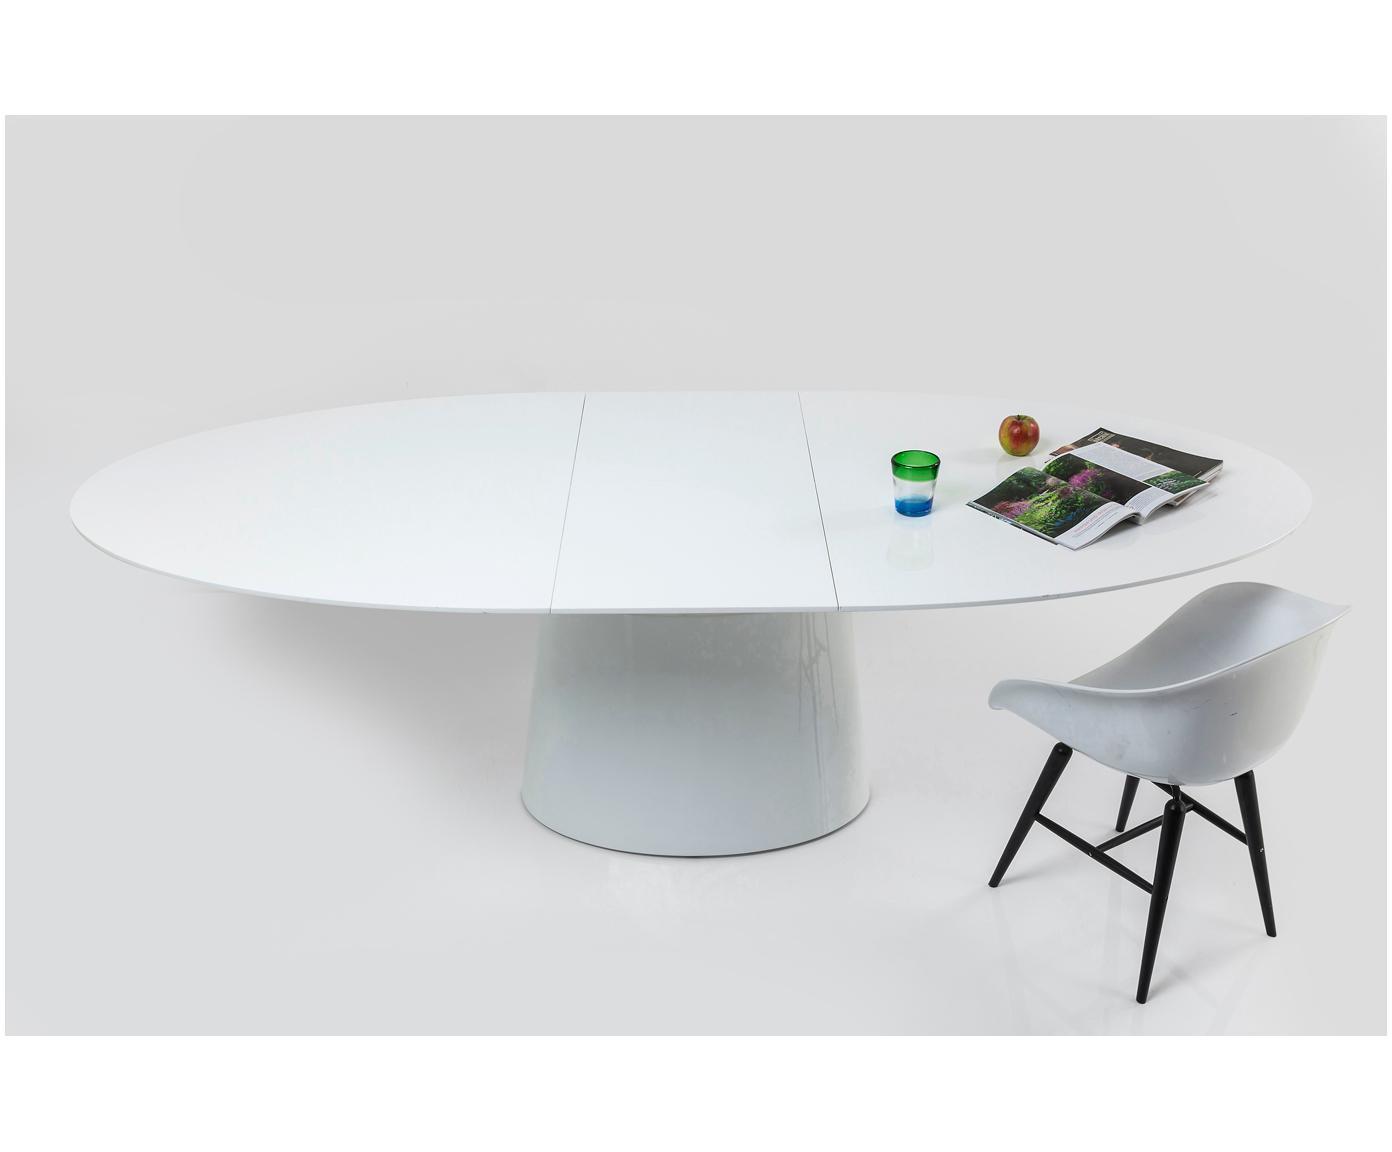 Owalny stół rozkładany do jadalni Benvenuto, Lakierowana płyta pilśniowa średniej gęstości(MDF), Biały, S 200 - 250 x G 110 cm